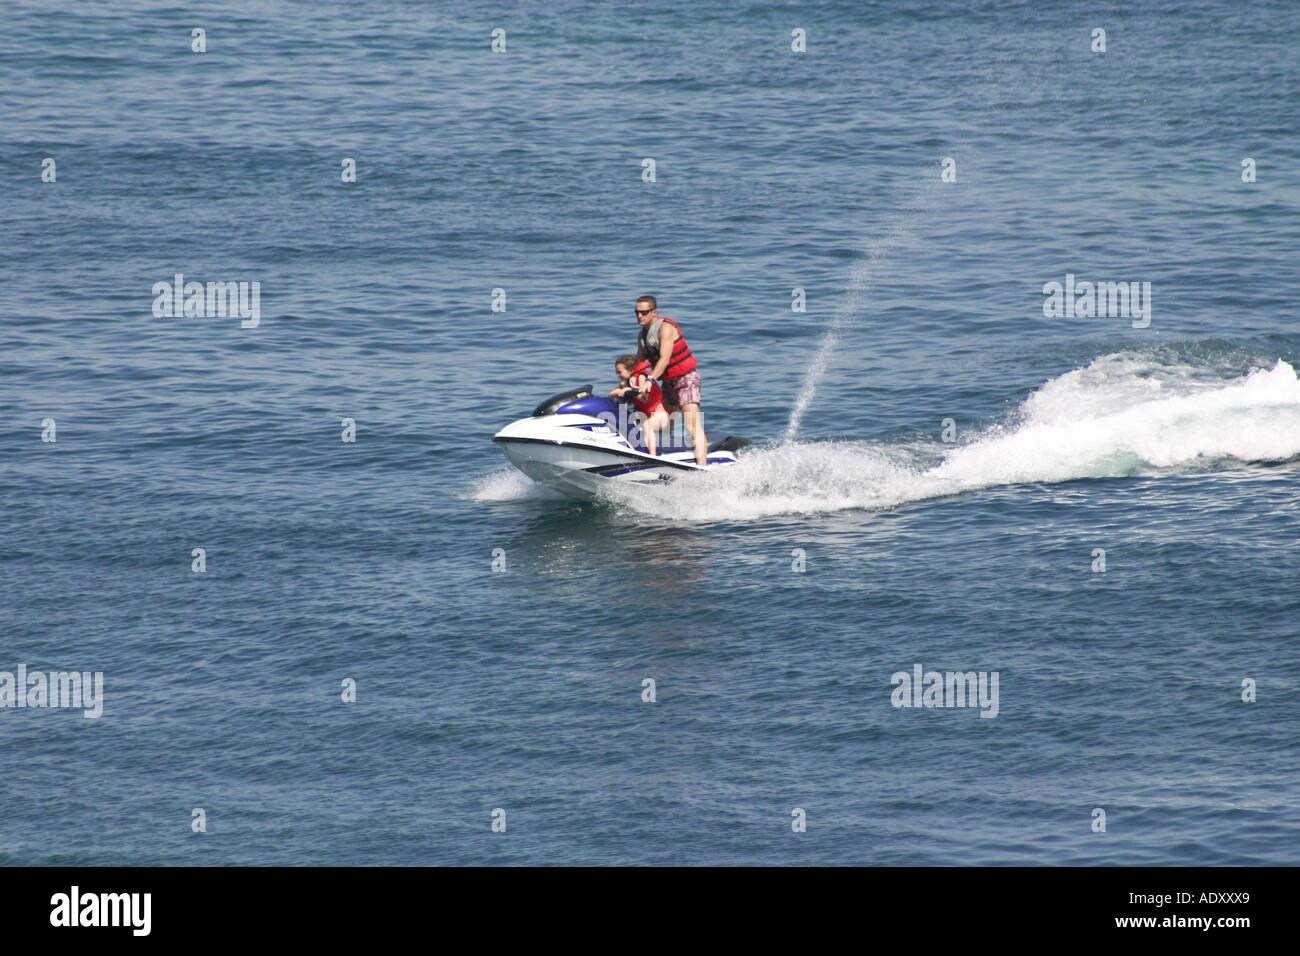 Two People On Jet Ski Bike In Bay At Palma Nova Stock Photo